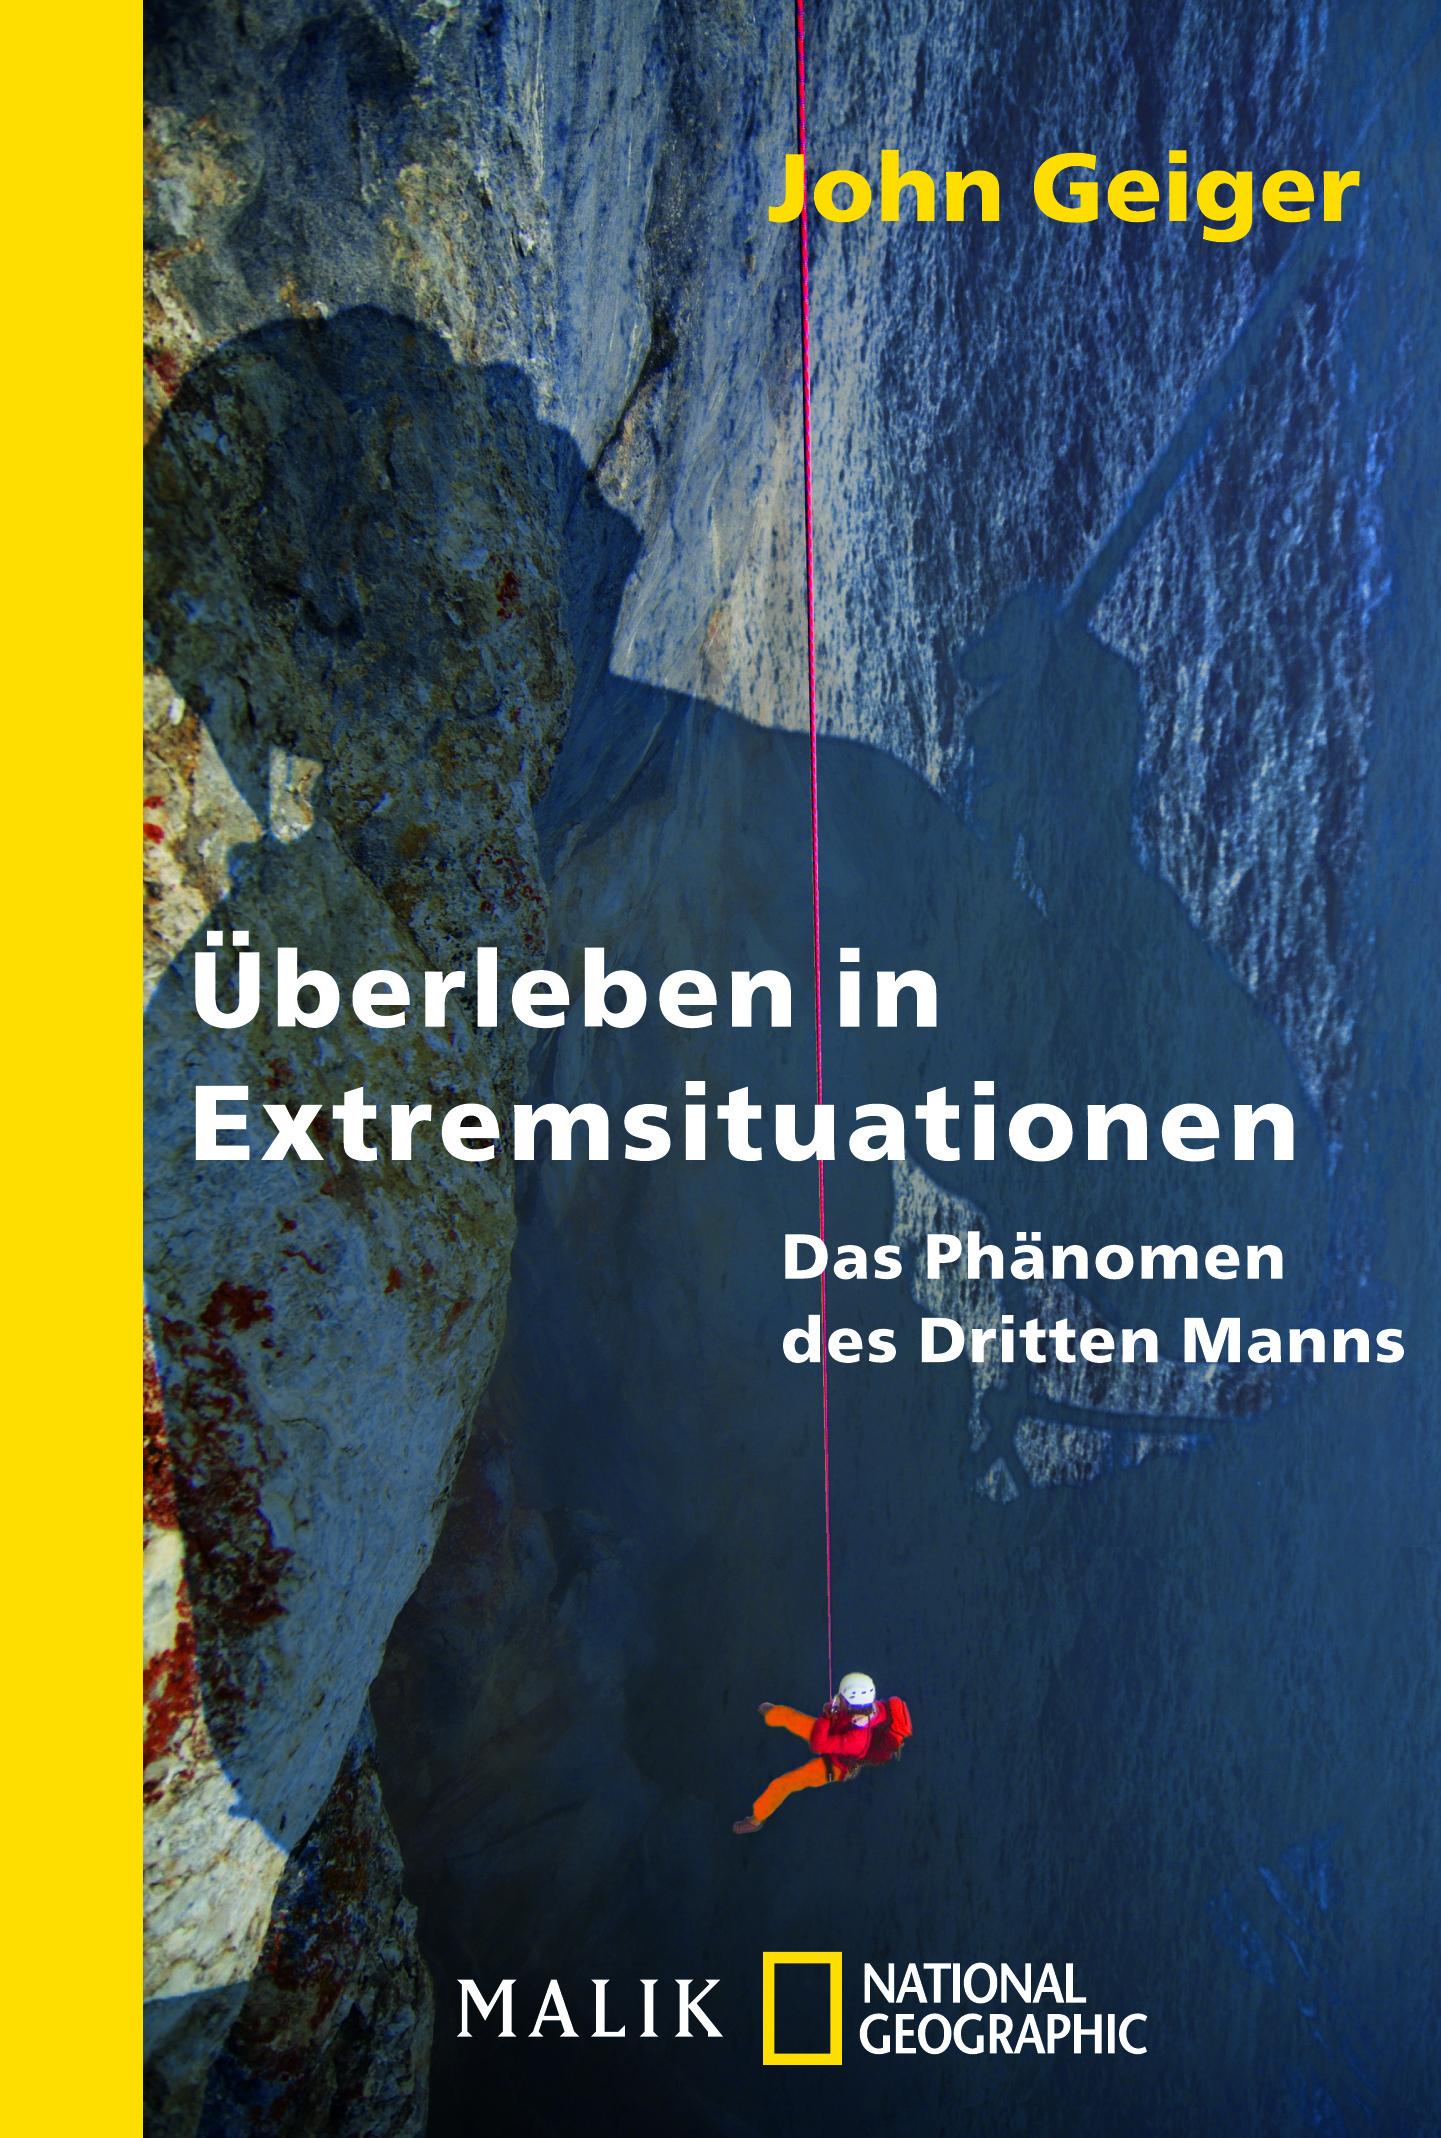 Überleben in Extremsituationen: Das Phänomen des Dritten Manns  by  John Geiger